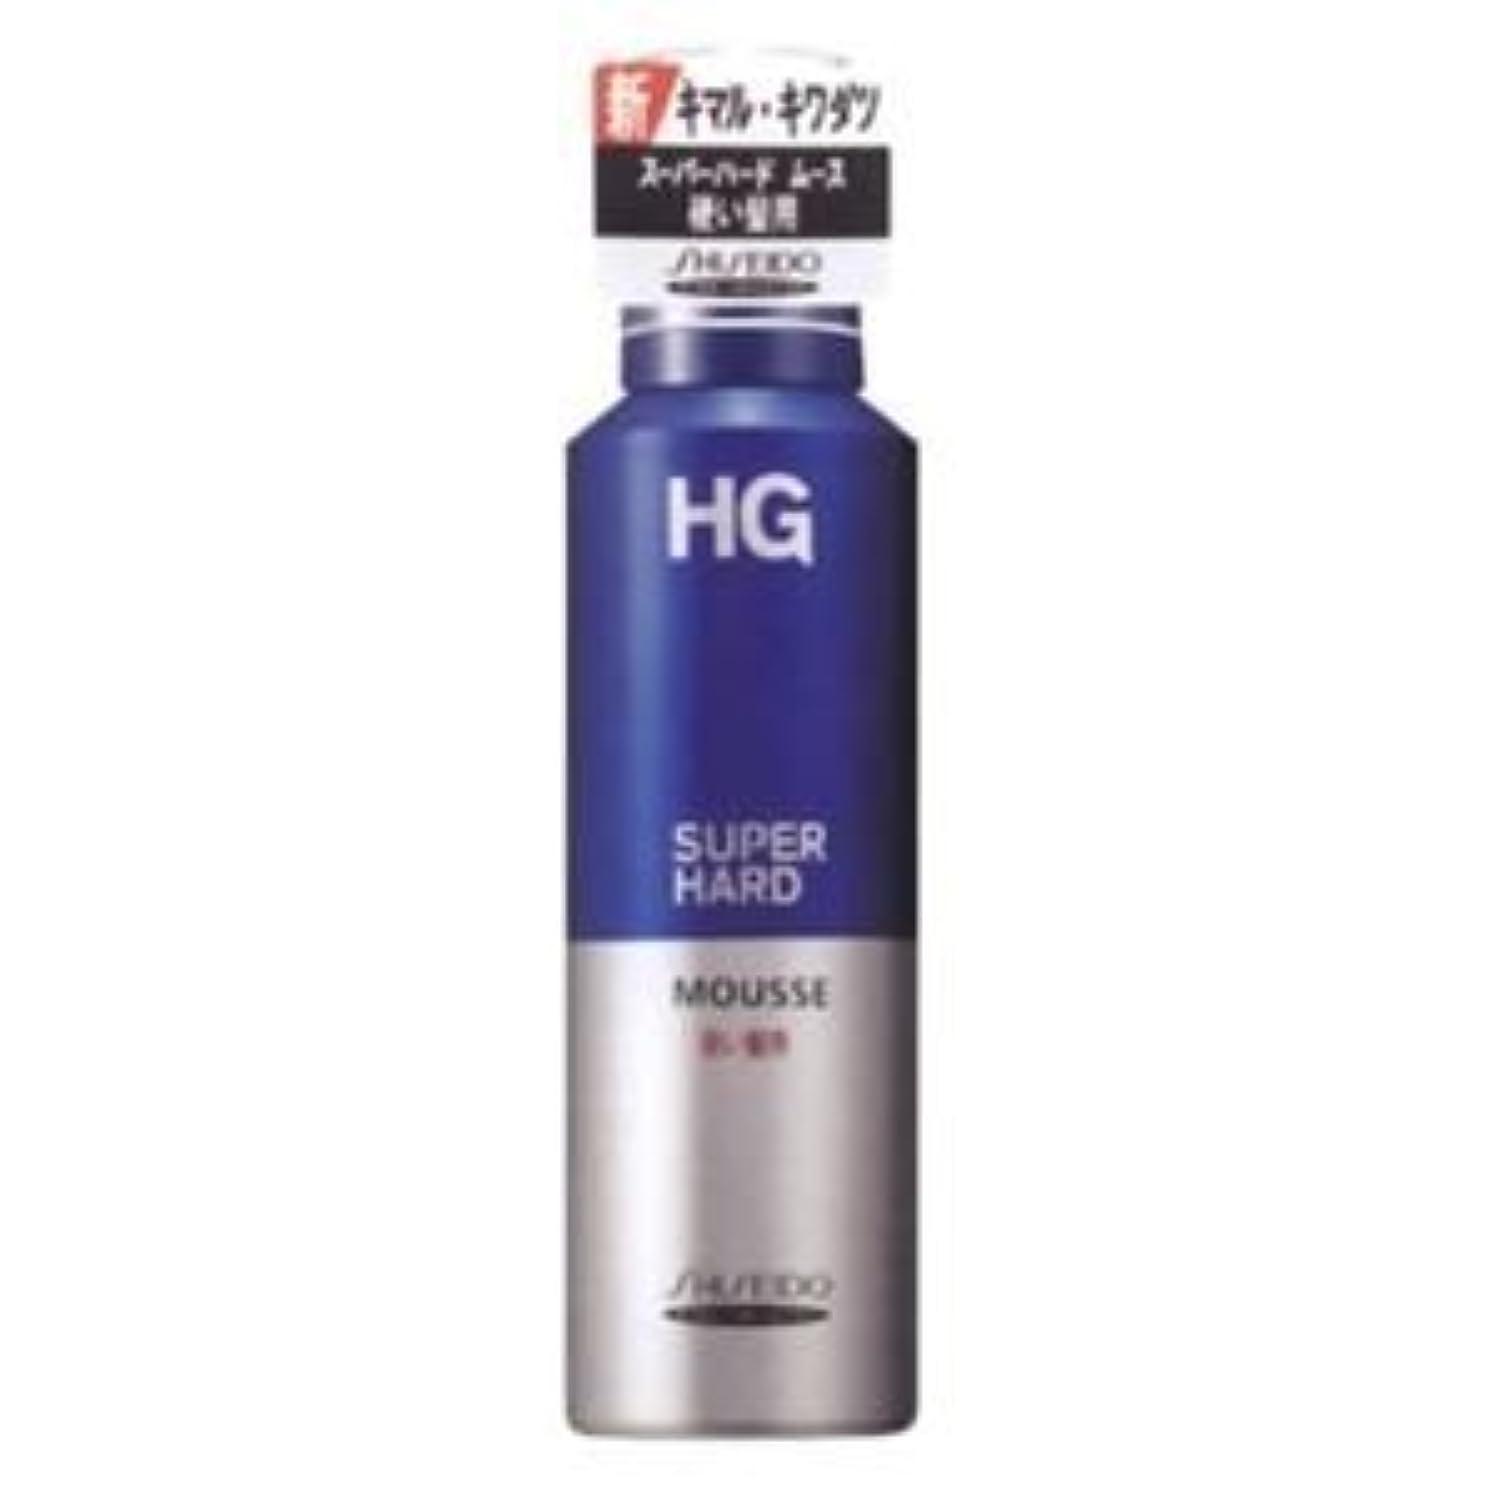 おじいちゃんじゃない衣類HG スーパーハードムース 硬い髪用